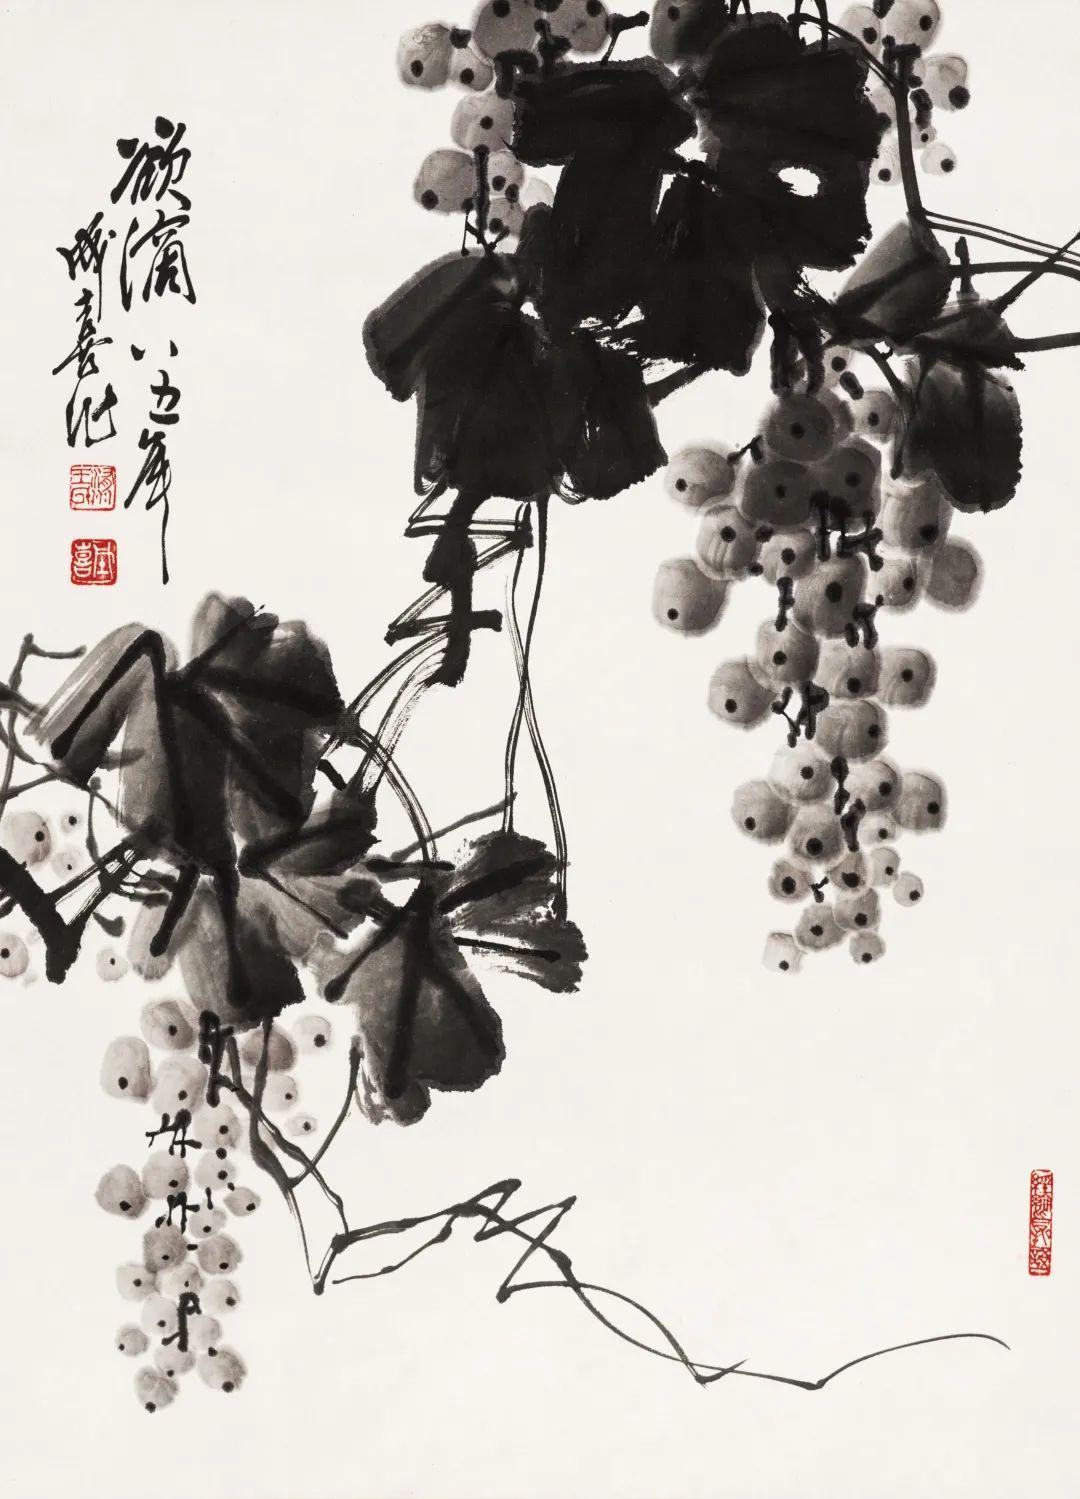 第五届网络拍卖会:中国当代书画专场(三)